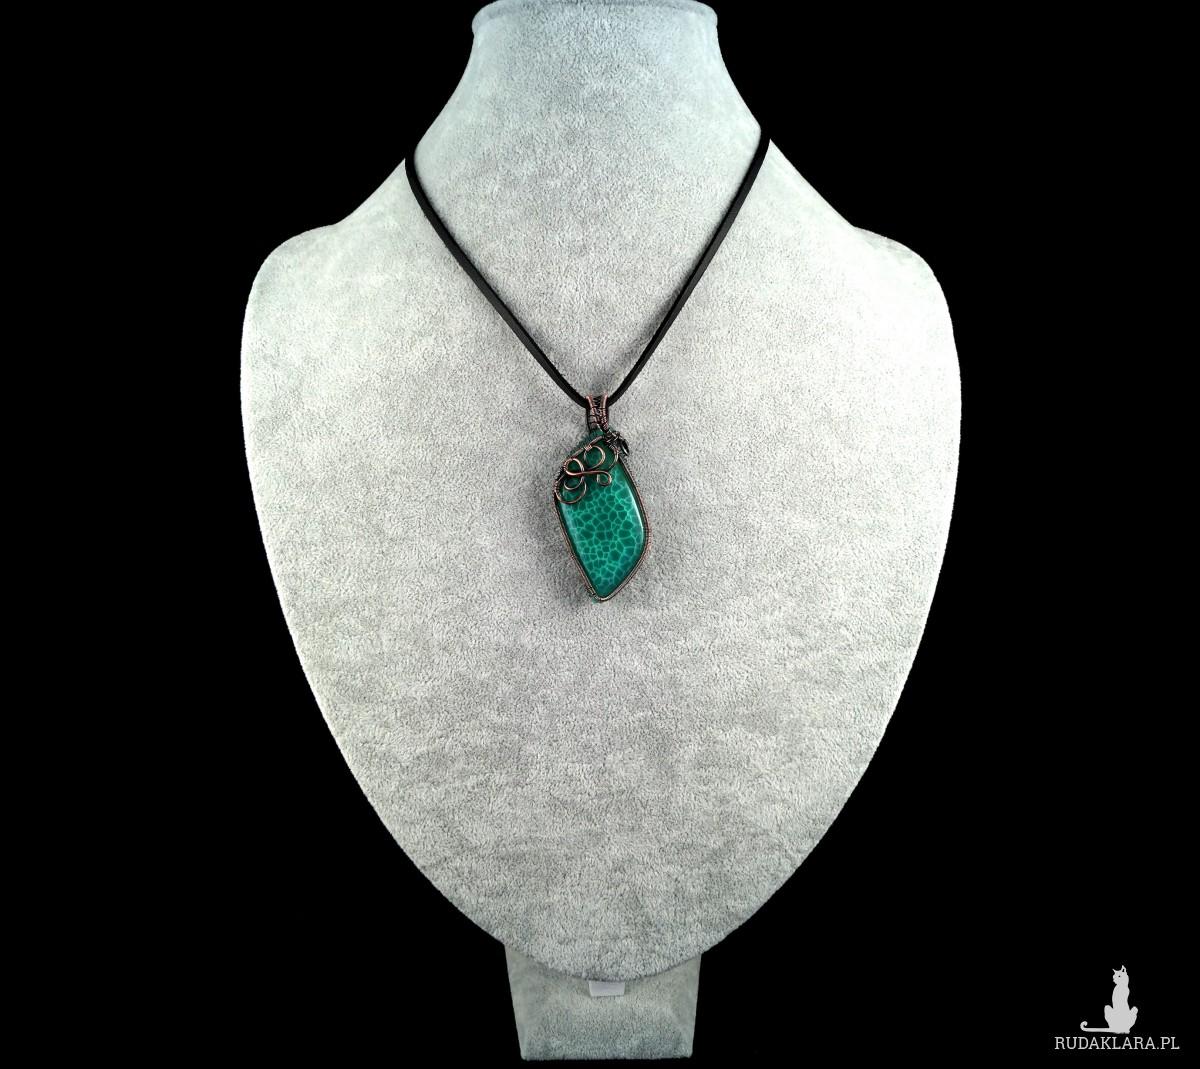 Zielony agat Miedziany wisior z agatem, ręcznie wykonany, prezent dla niej, prezent dla mamy, prezent urodzinowy niepowtarzalna biżuteria